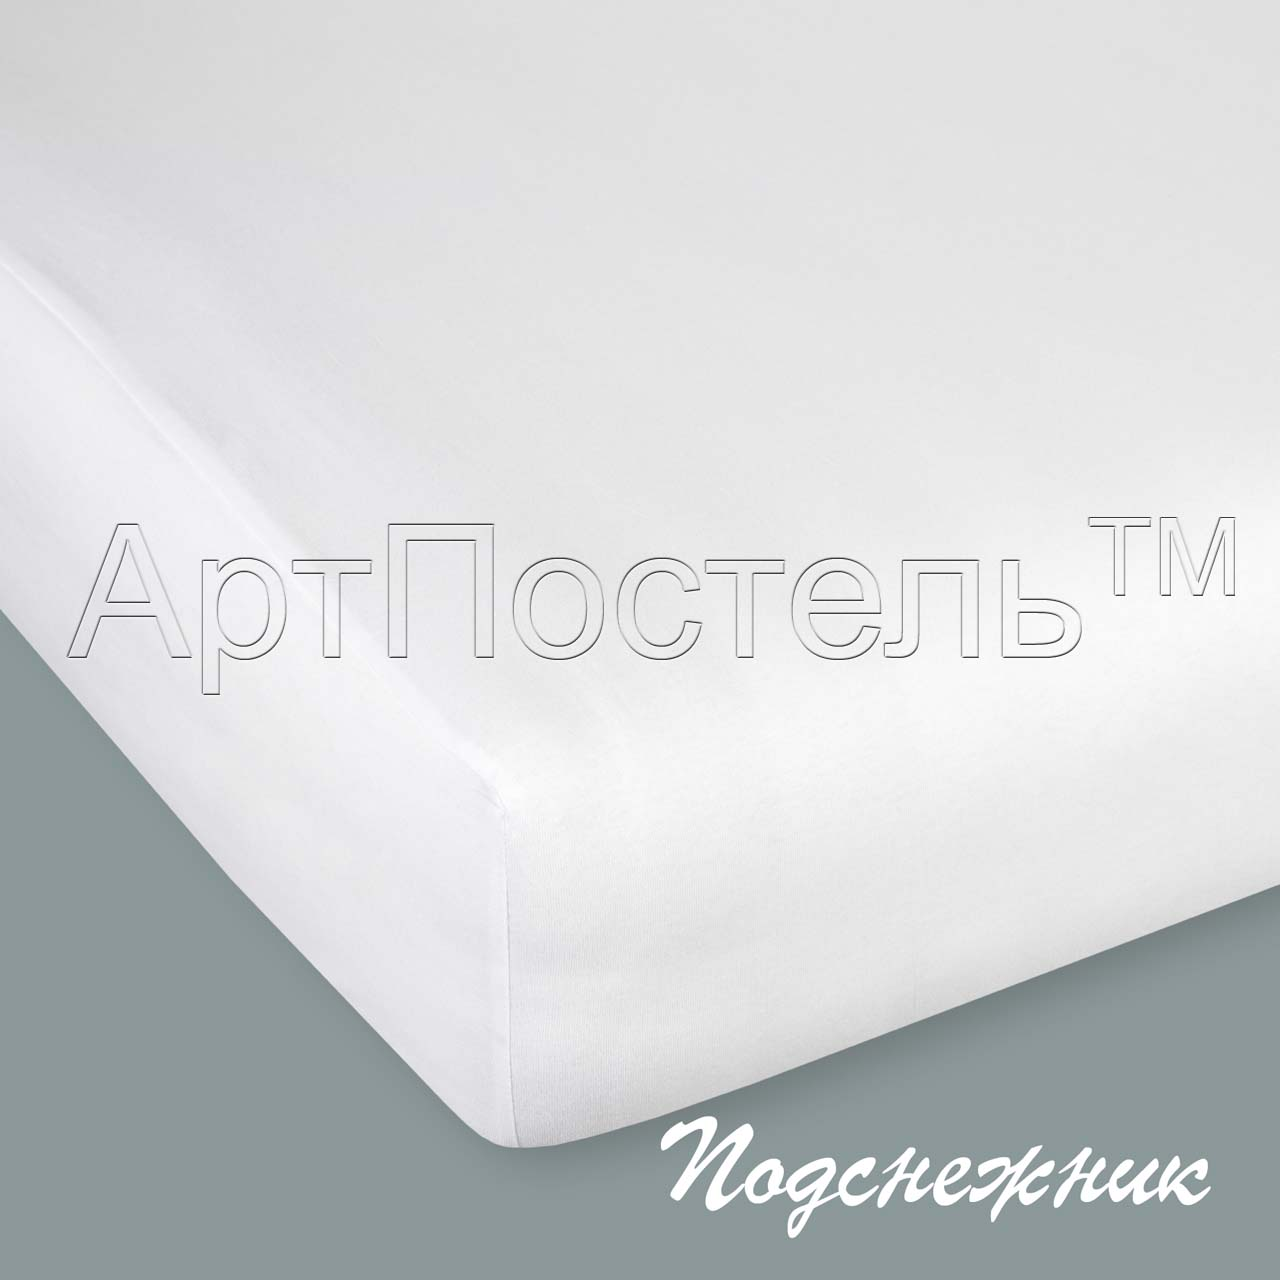 Простыня на резинке Подснежник, размер 60х120 смПростыни<br>Плотность ткани: 145 г/кв. м <br>Высота матраса: 10 см<br><br>Тип: Простыня<br>Размер: 60х120<br>Материал: Кулирка